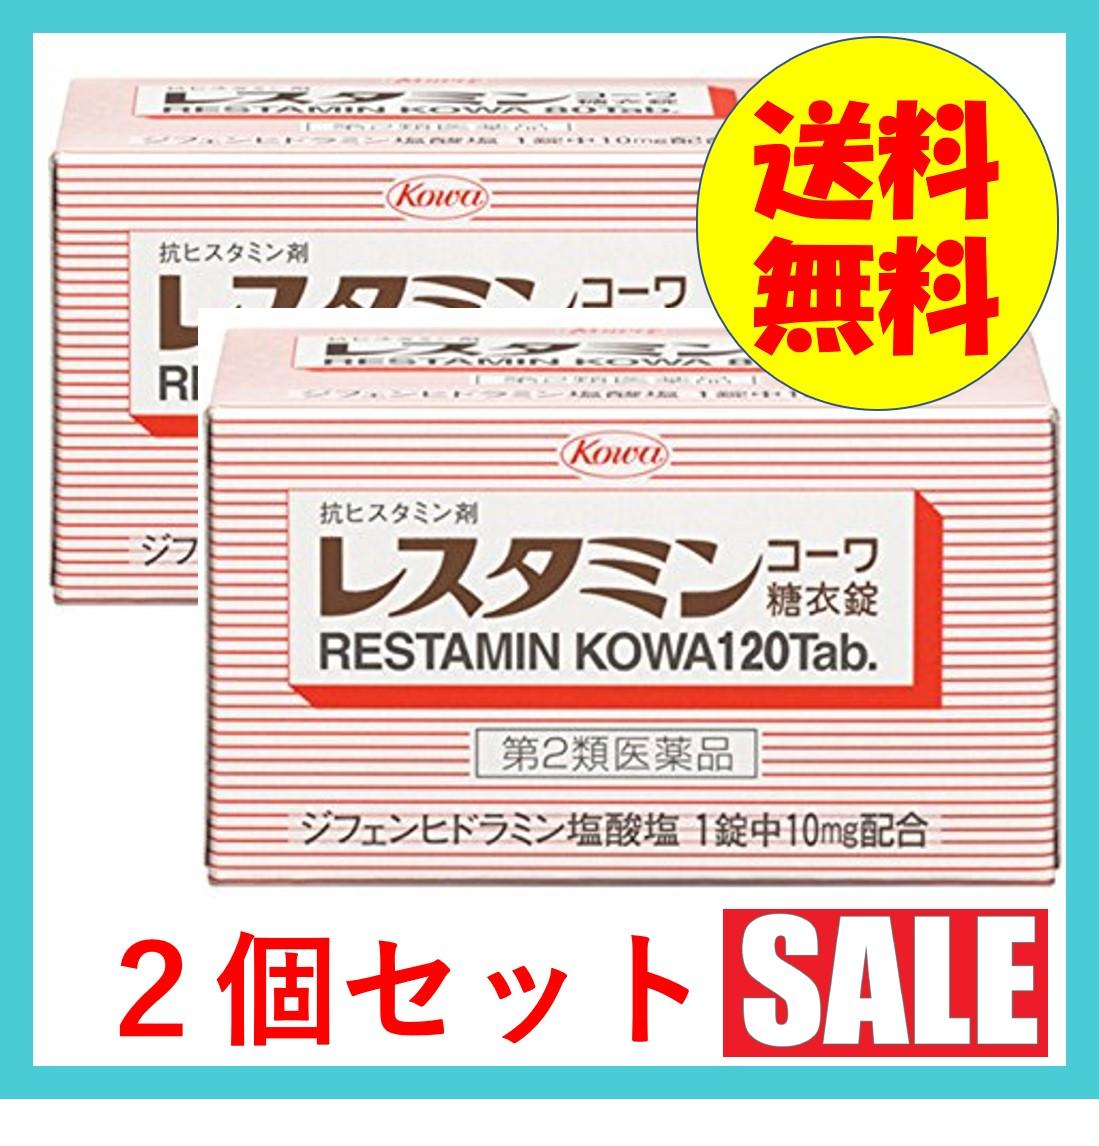 クリーム レスタミン 陰部 コーワ 痒みが酷くて辛いです。婦人科で症状を伝え「レスタミンコーワクリーム